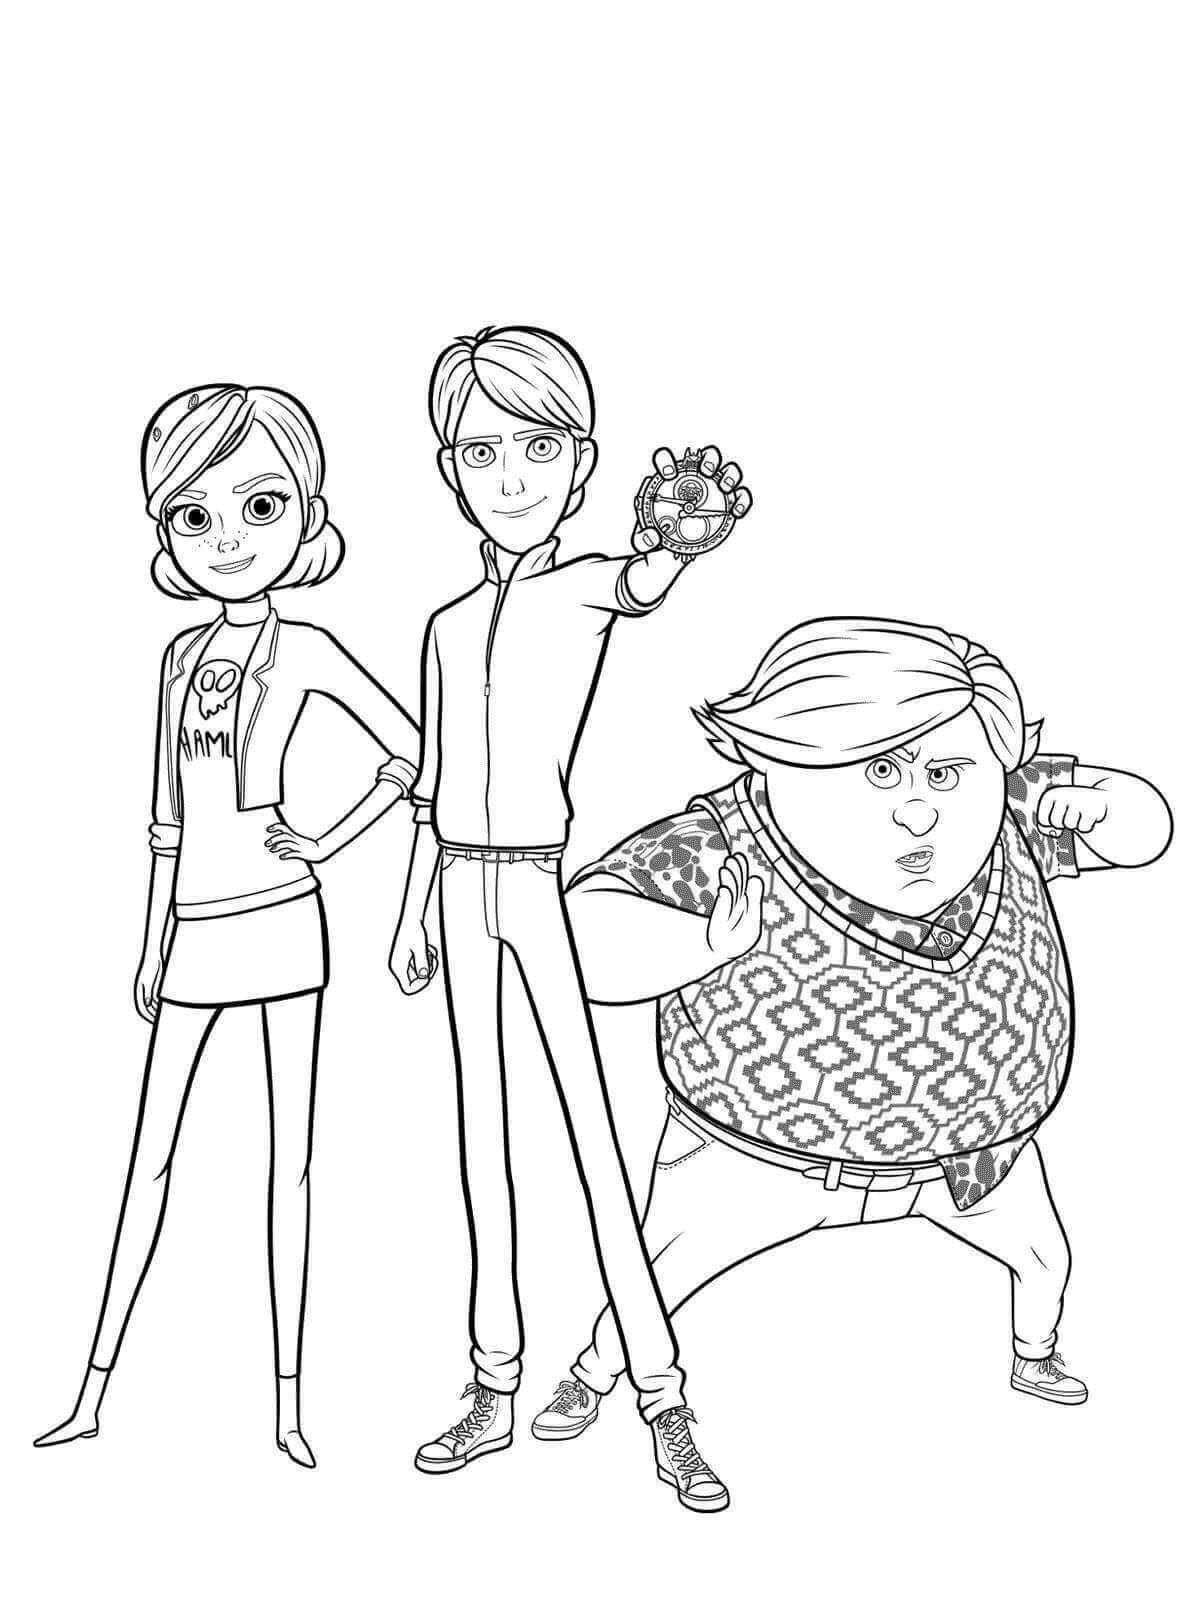 dibujos para colorear trollhunters